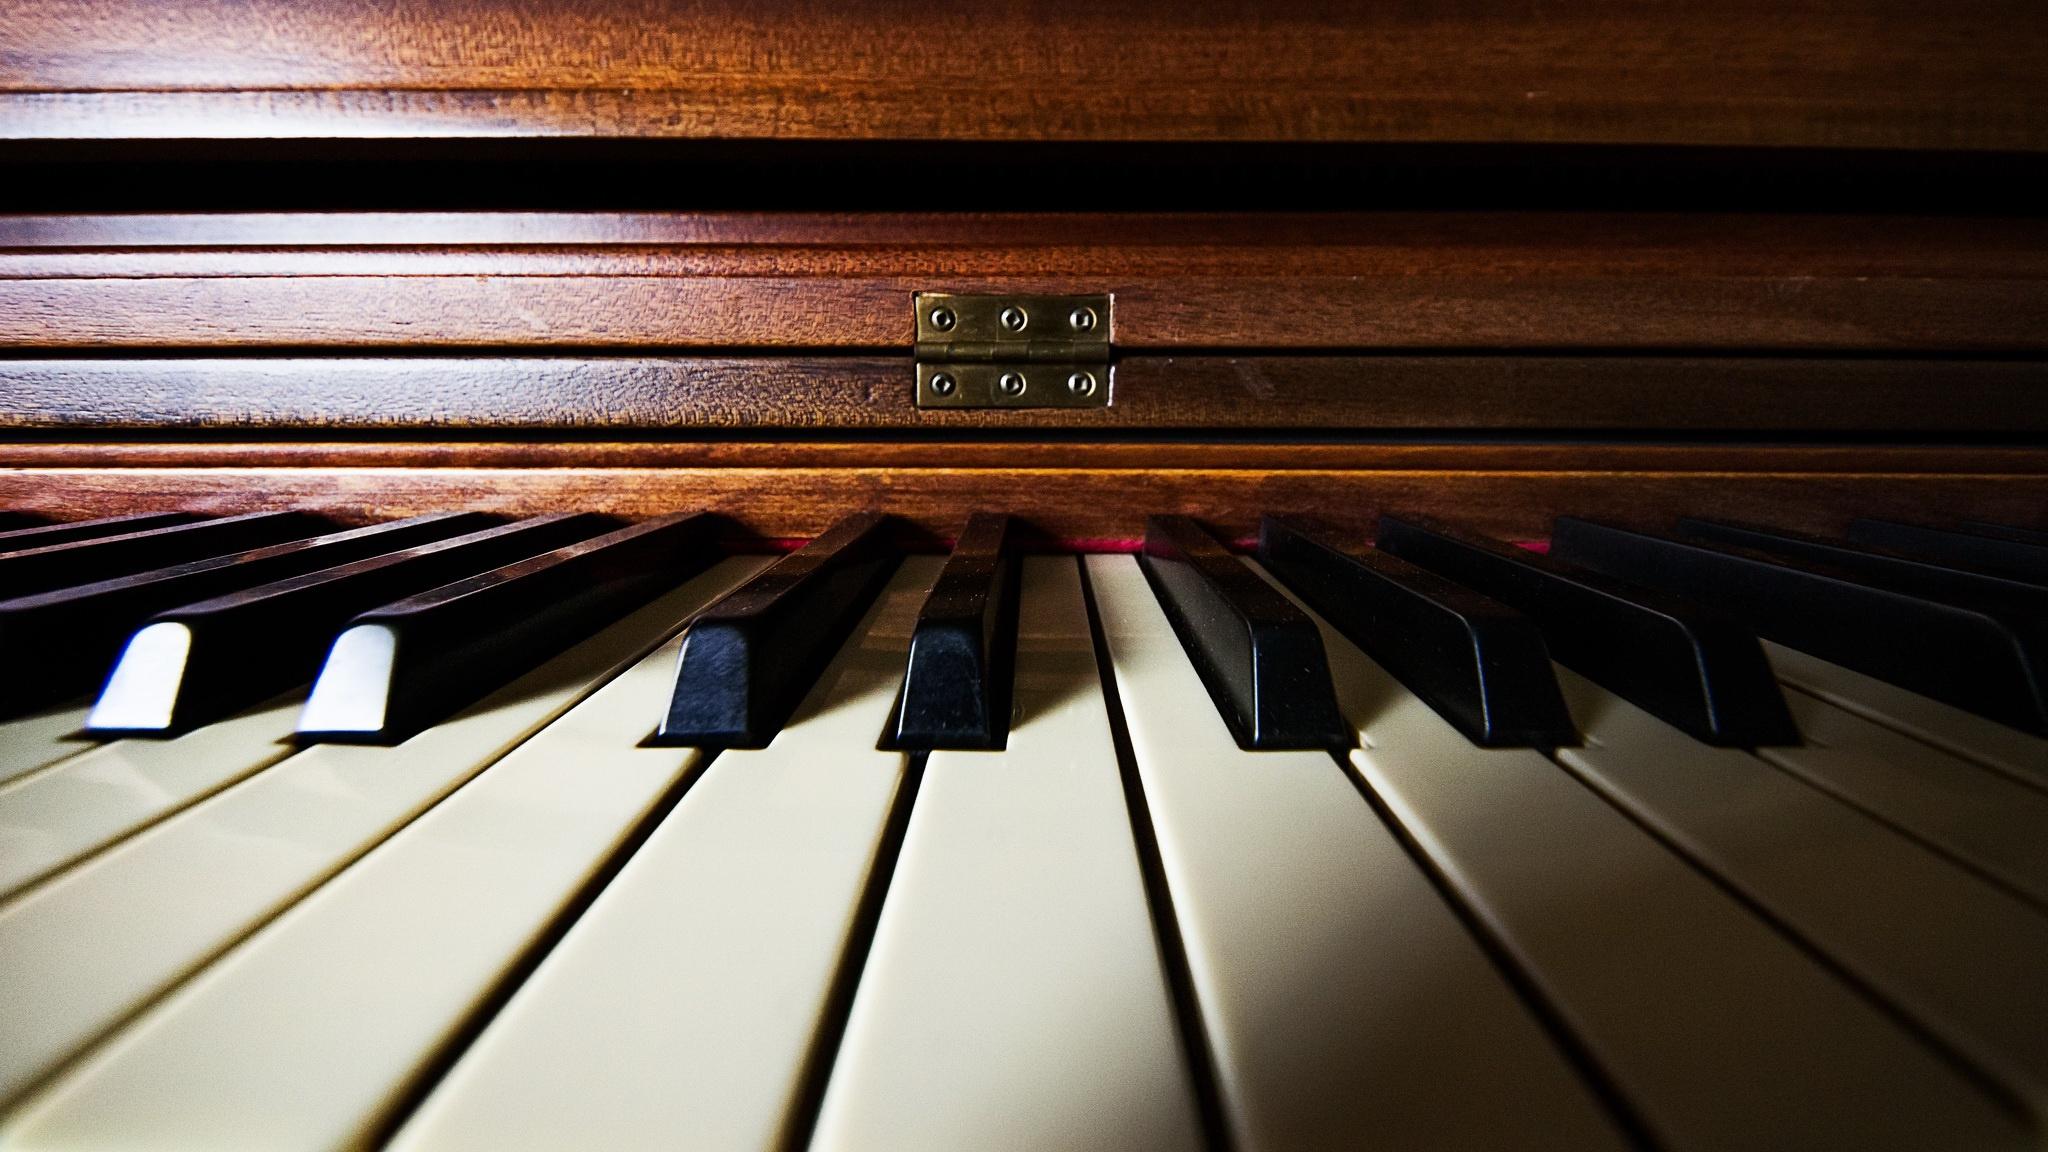 черешни очень картинки про пианино для рабочего стола перечень карт